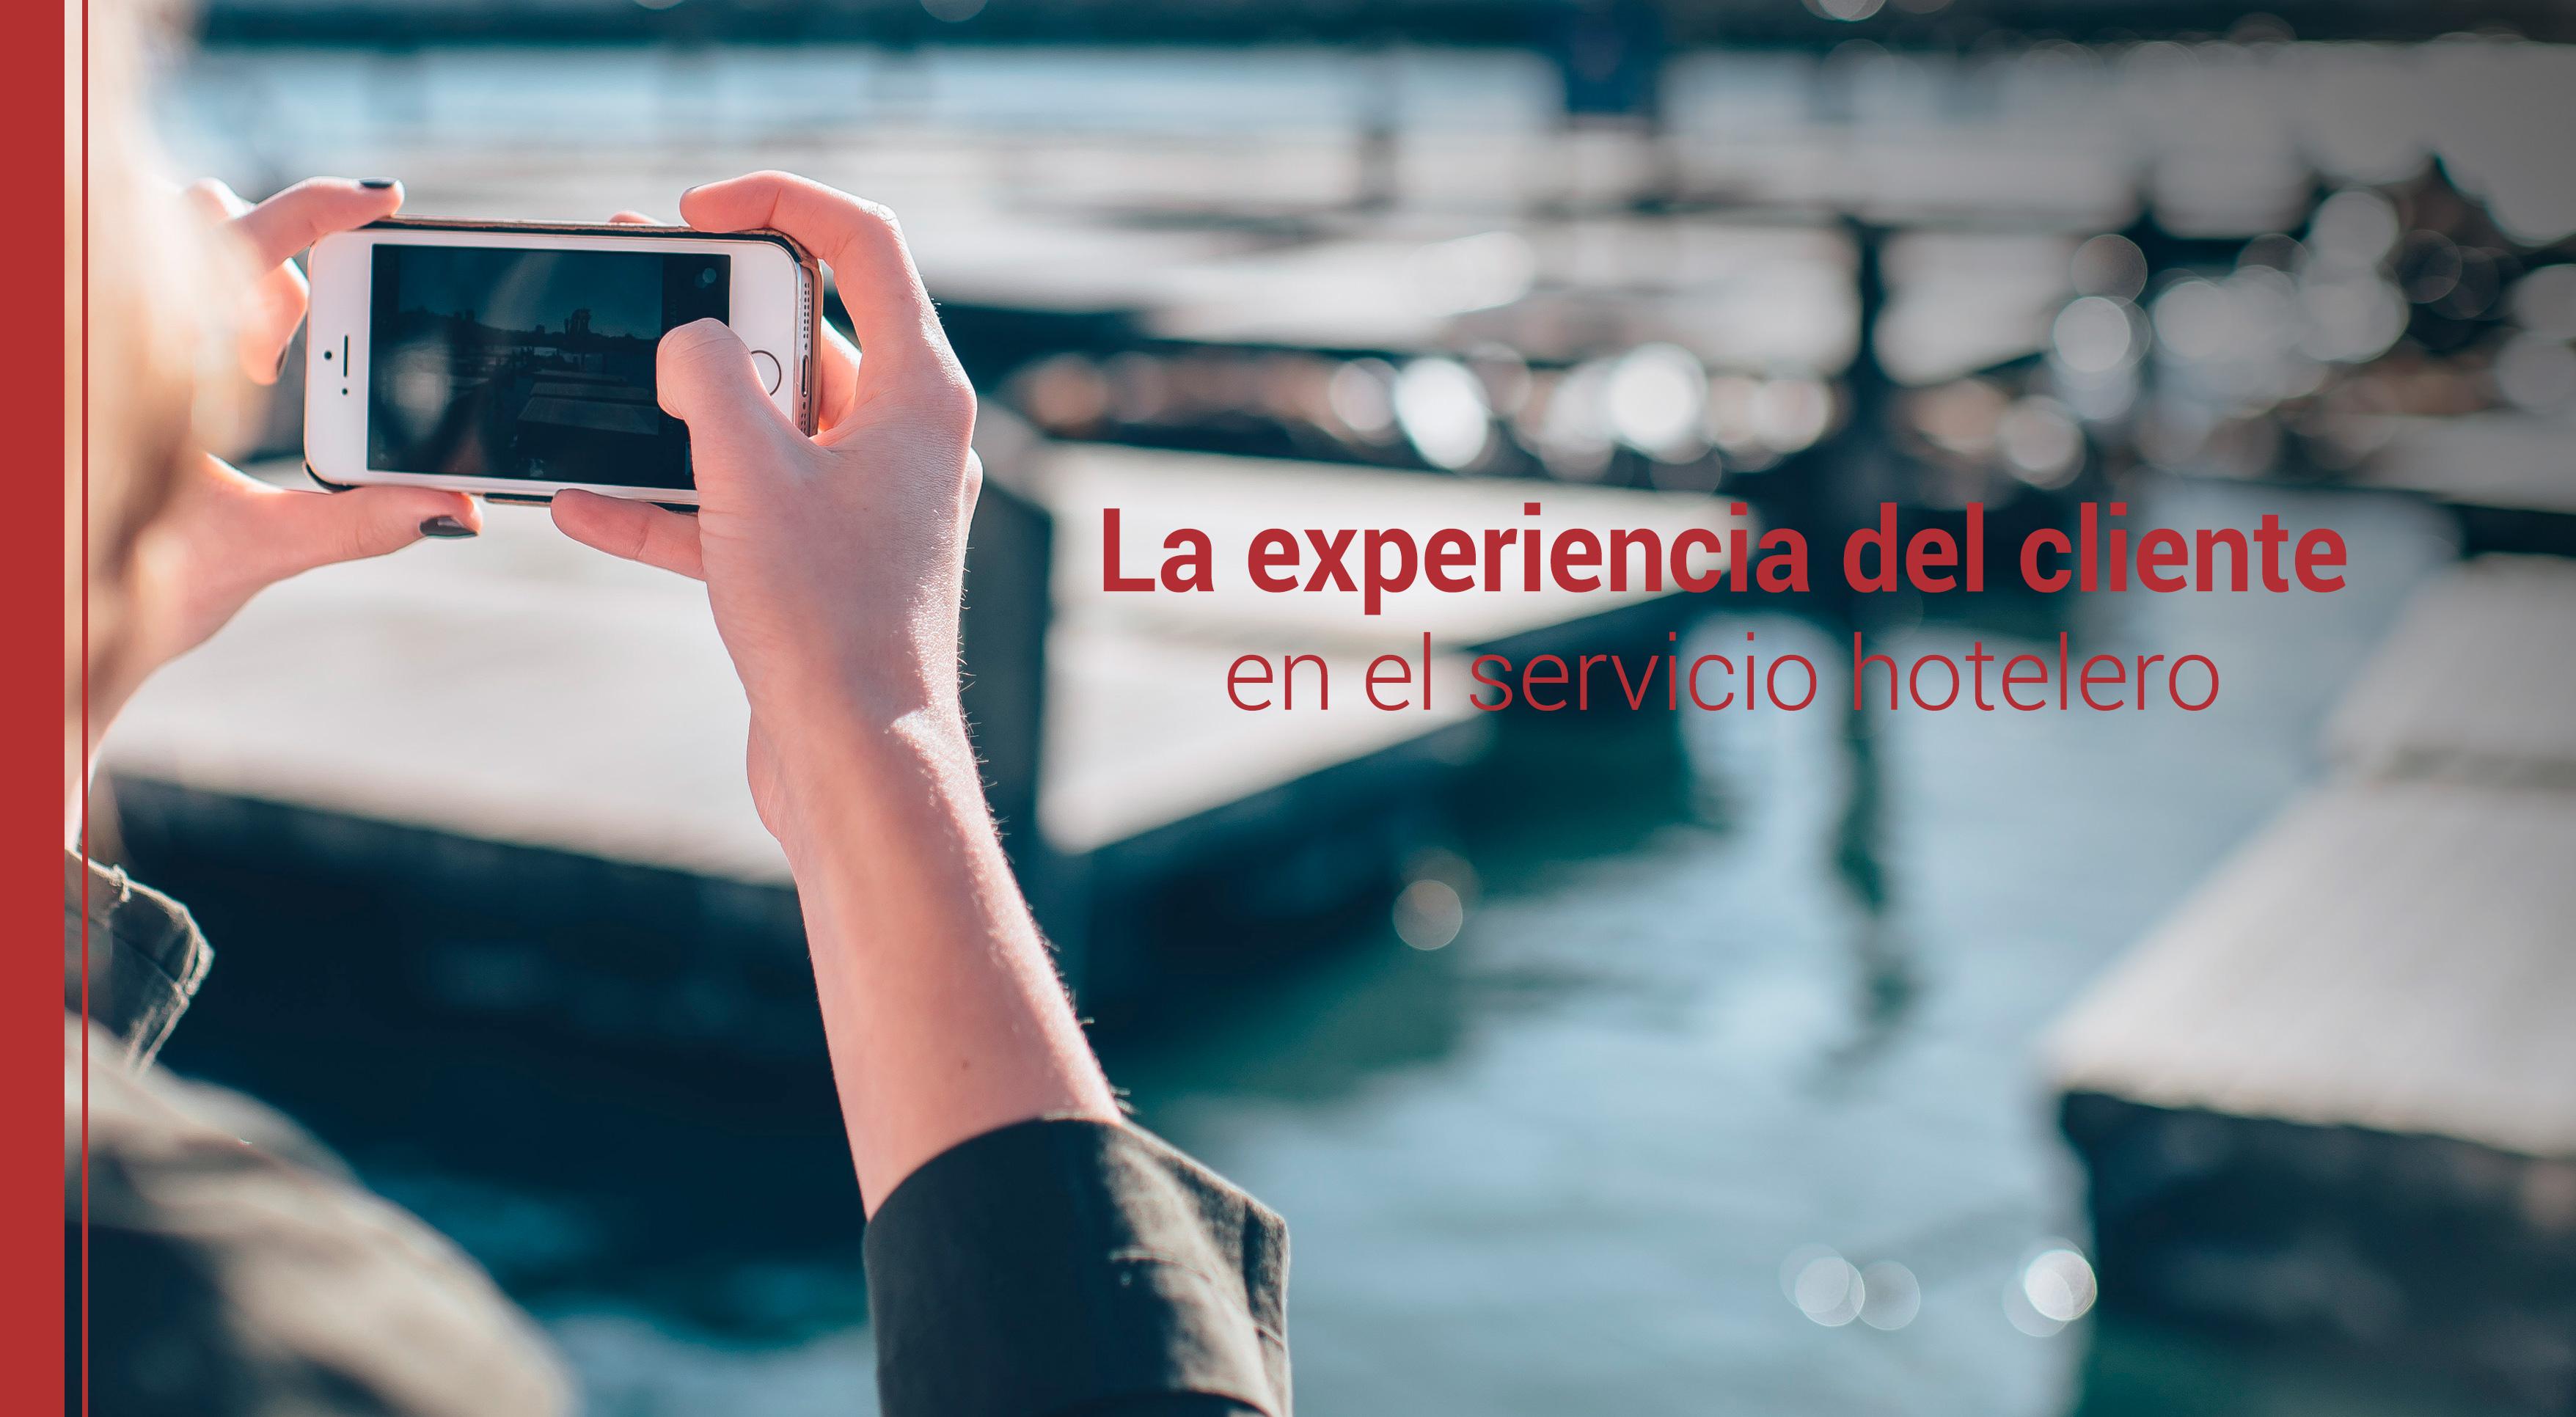 experiencia-del-cliente-servicio-hotelero La experiencia del cliente en el servicio hotelero